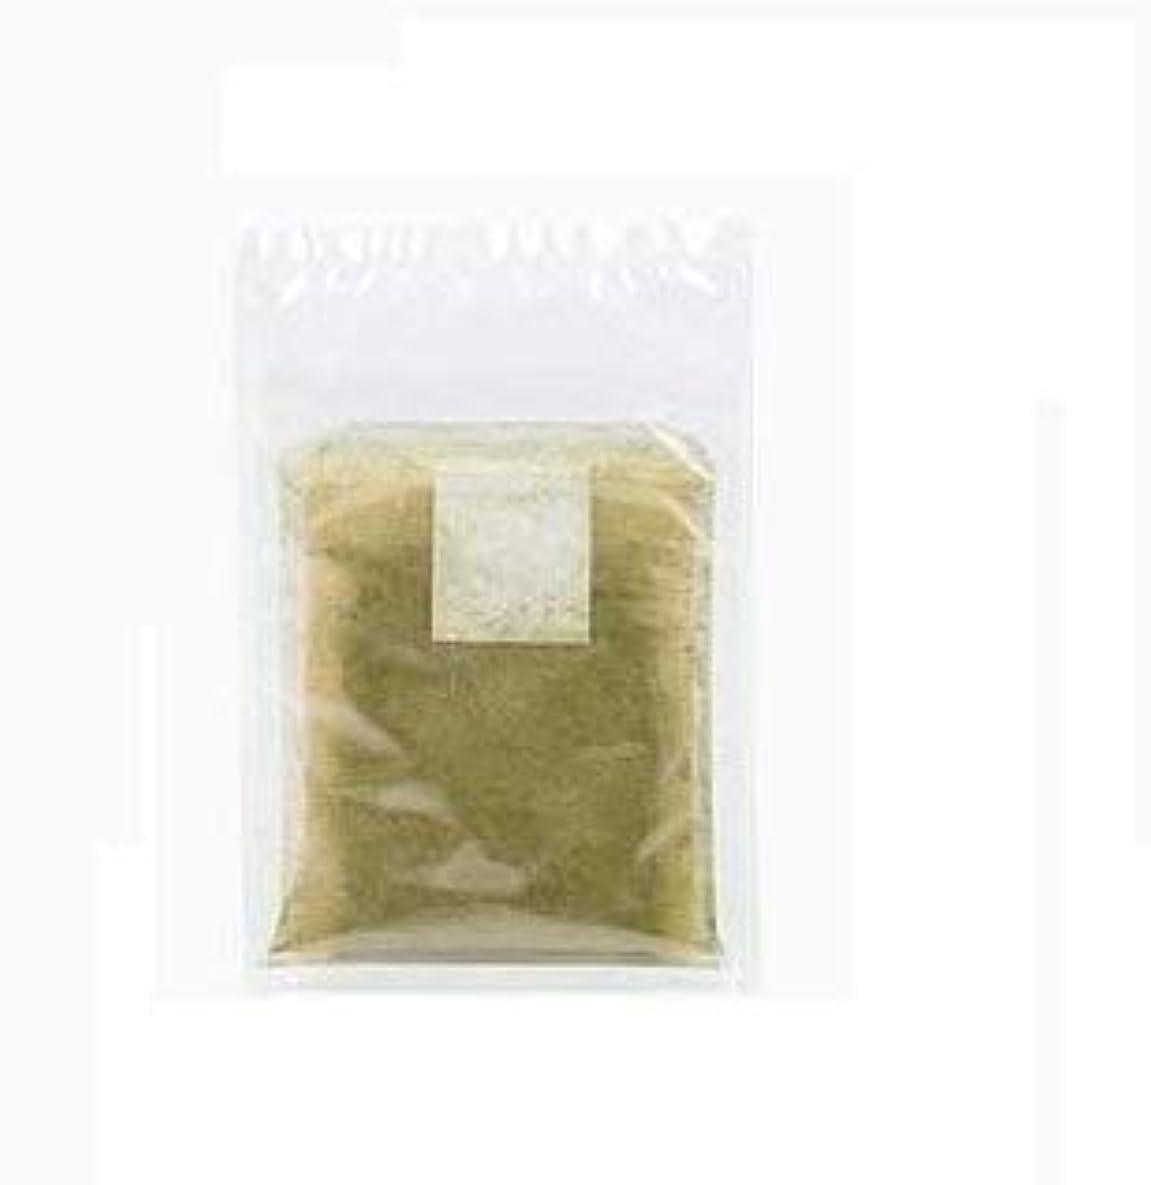 不公平食事ドラマメール便 美身麗茶 びしんれいちゃ 3g×15包 アップルティー味 ダイエット 健康茶 オーガニック デトックス スリム ヘルシー 美容 スリムボディ 日本製